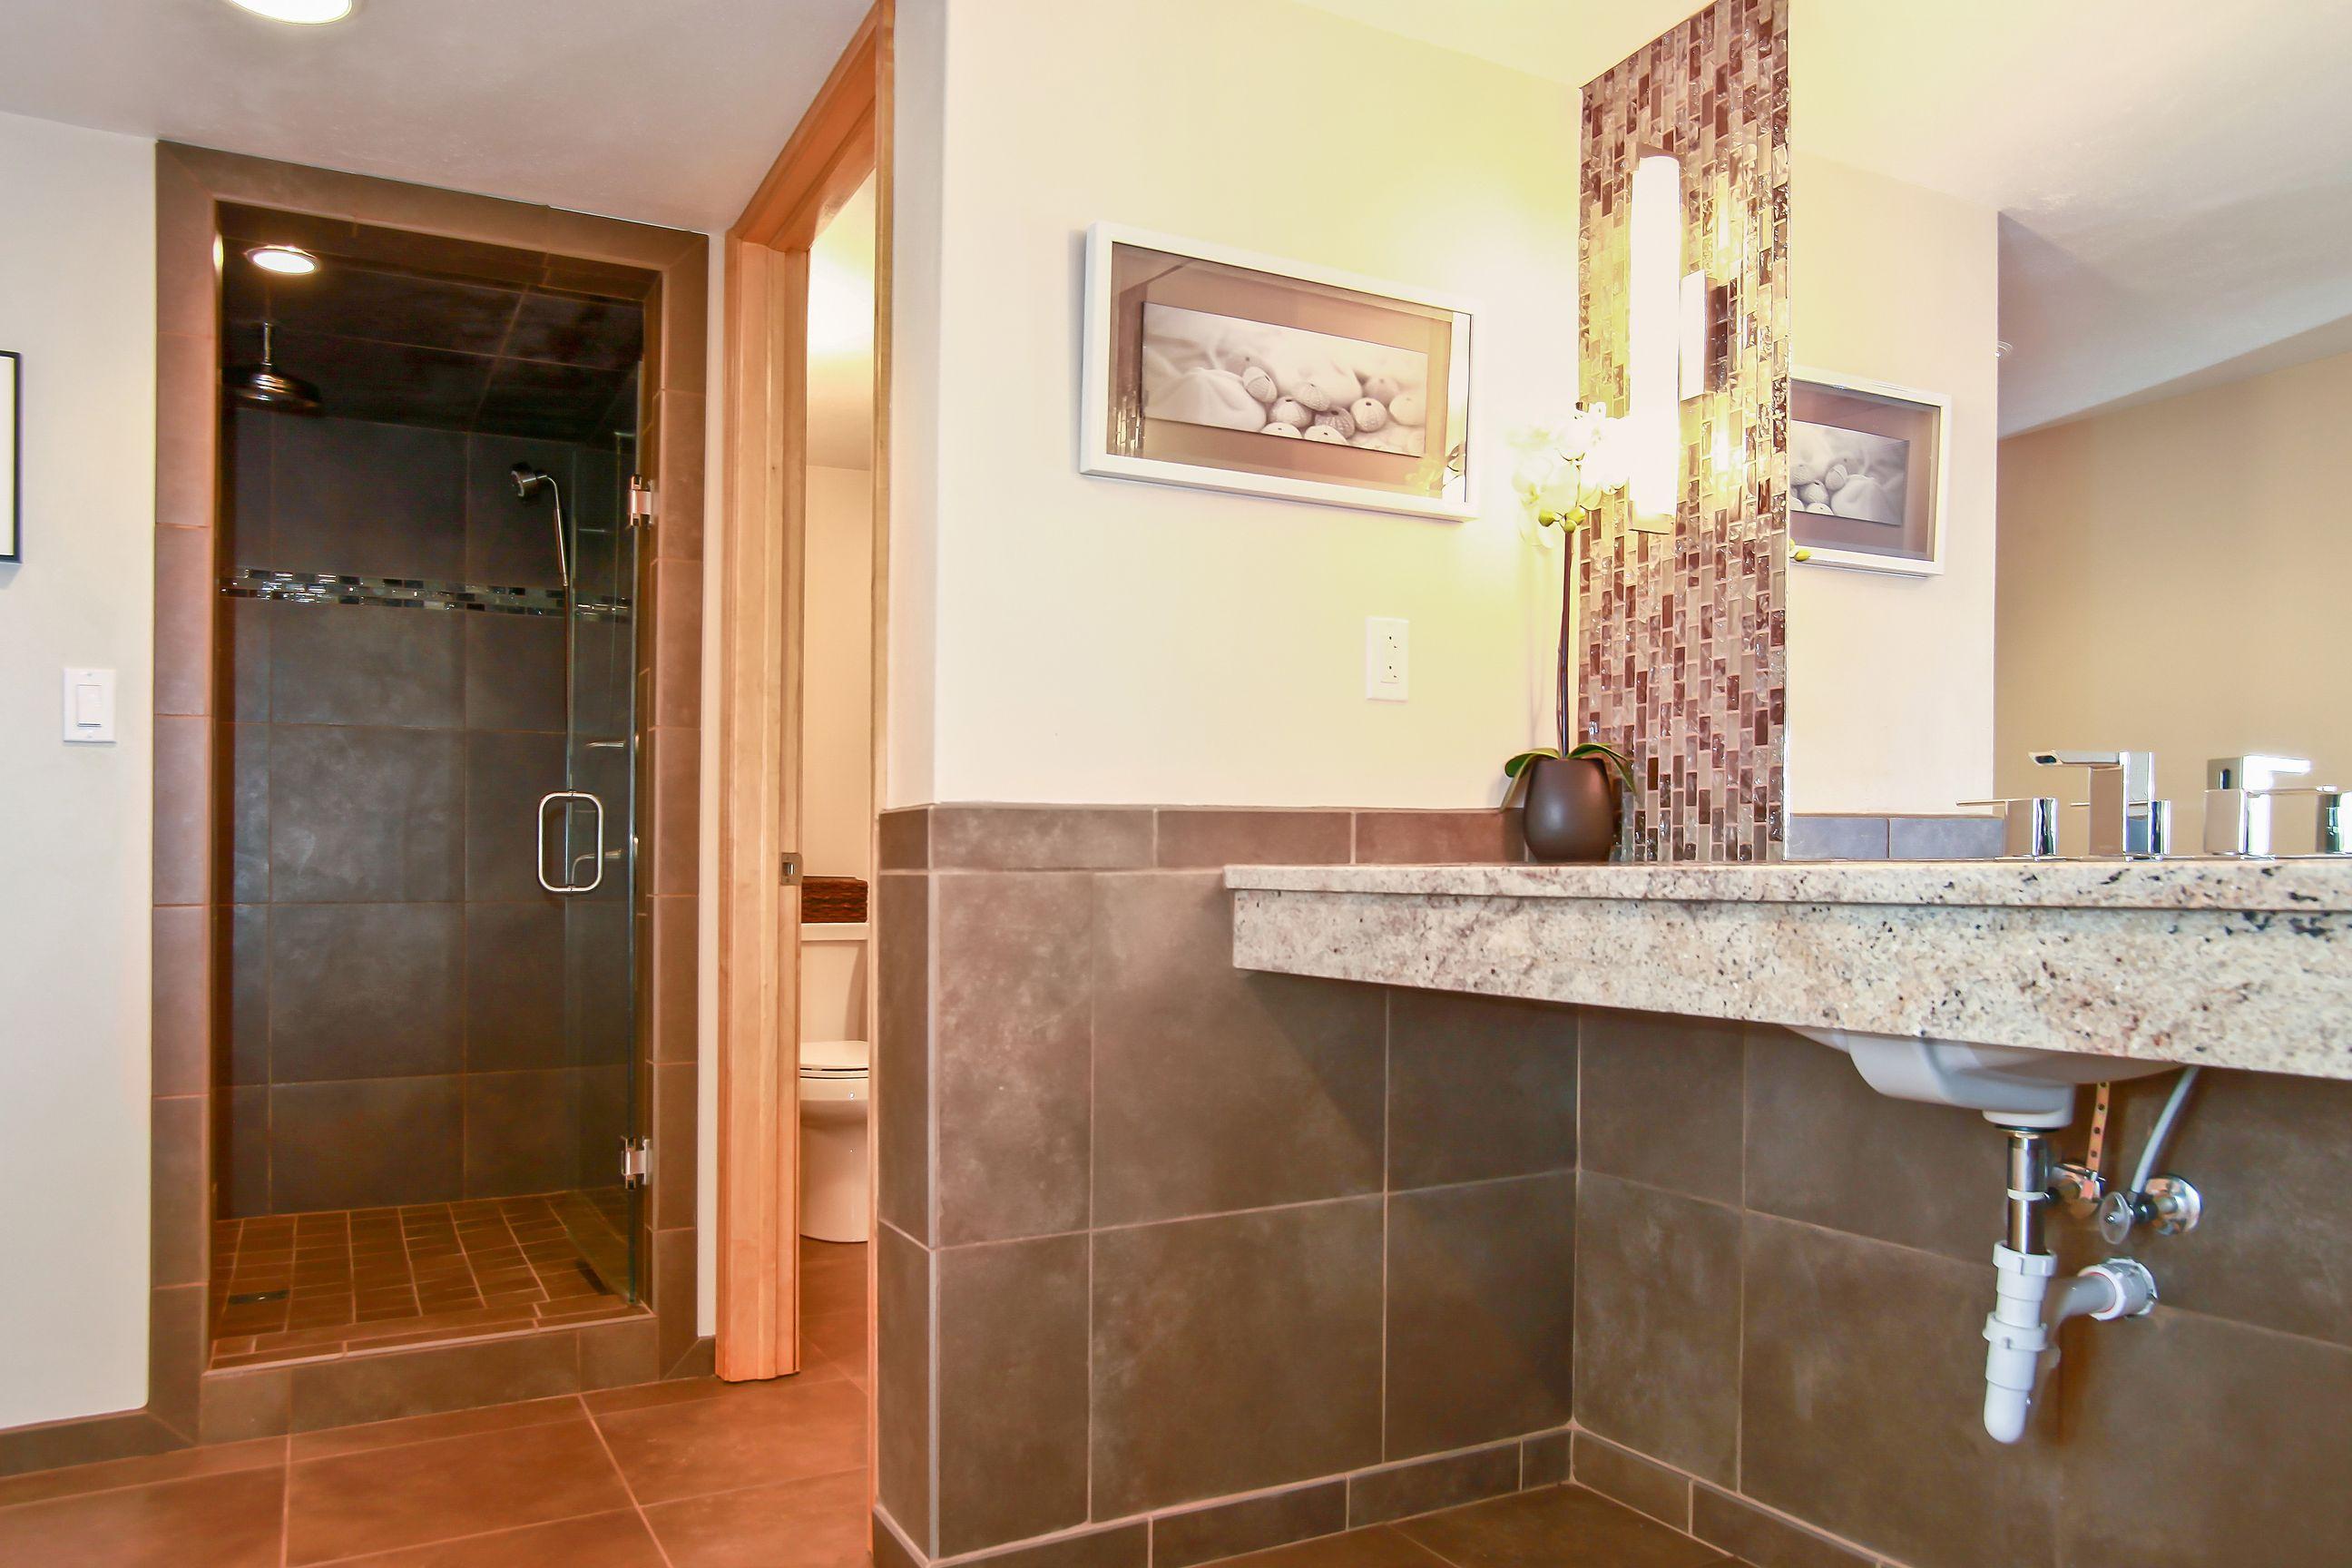 22_W5619WestshoreDrive_8001_Bathroom_HiRes.jpg